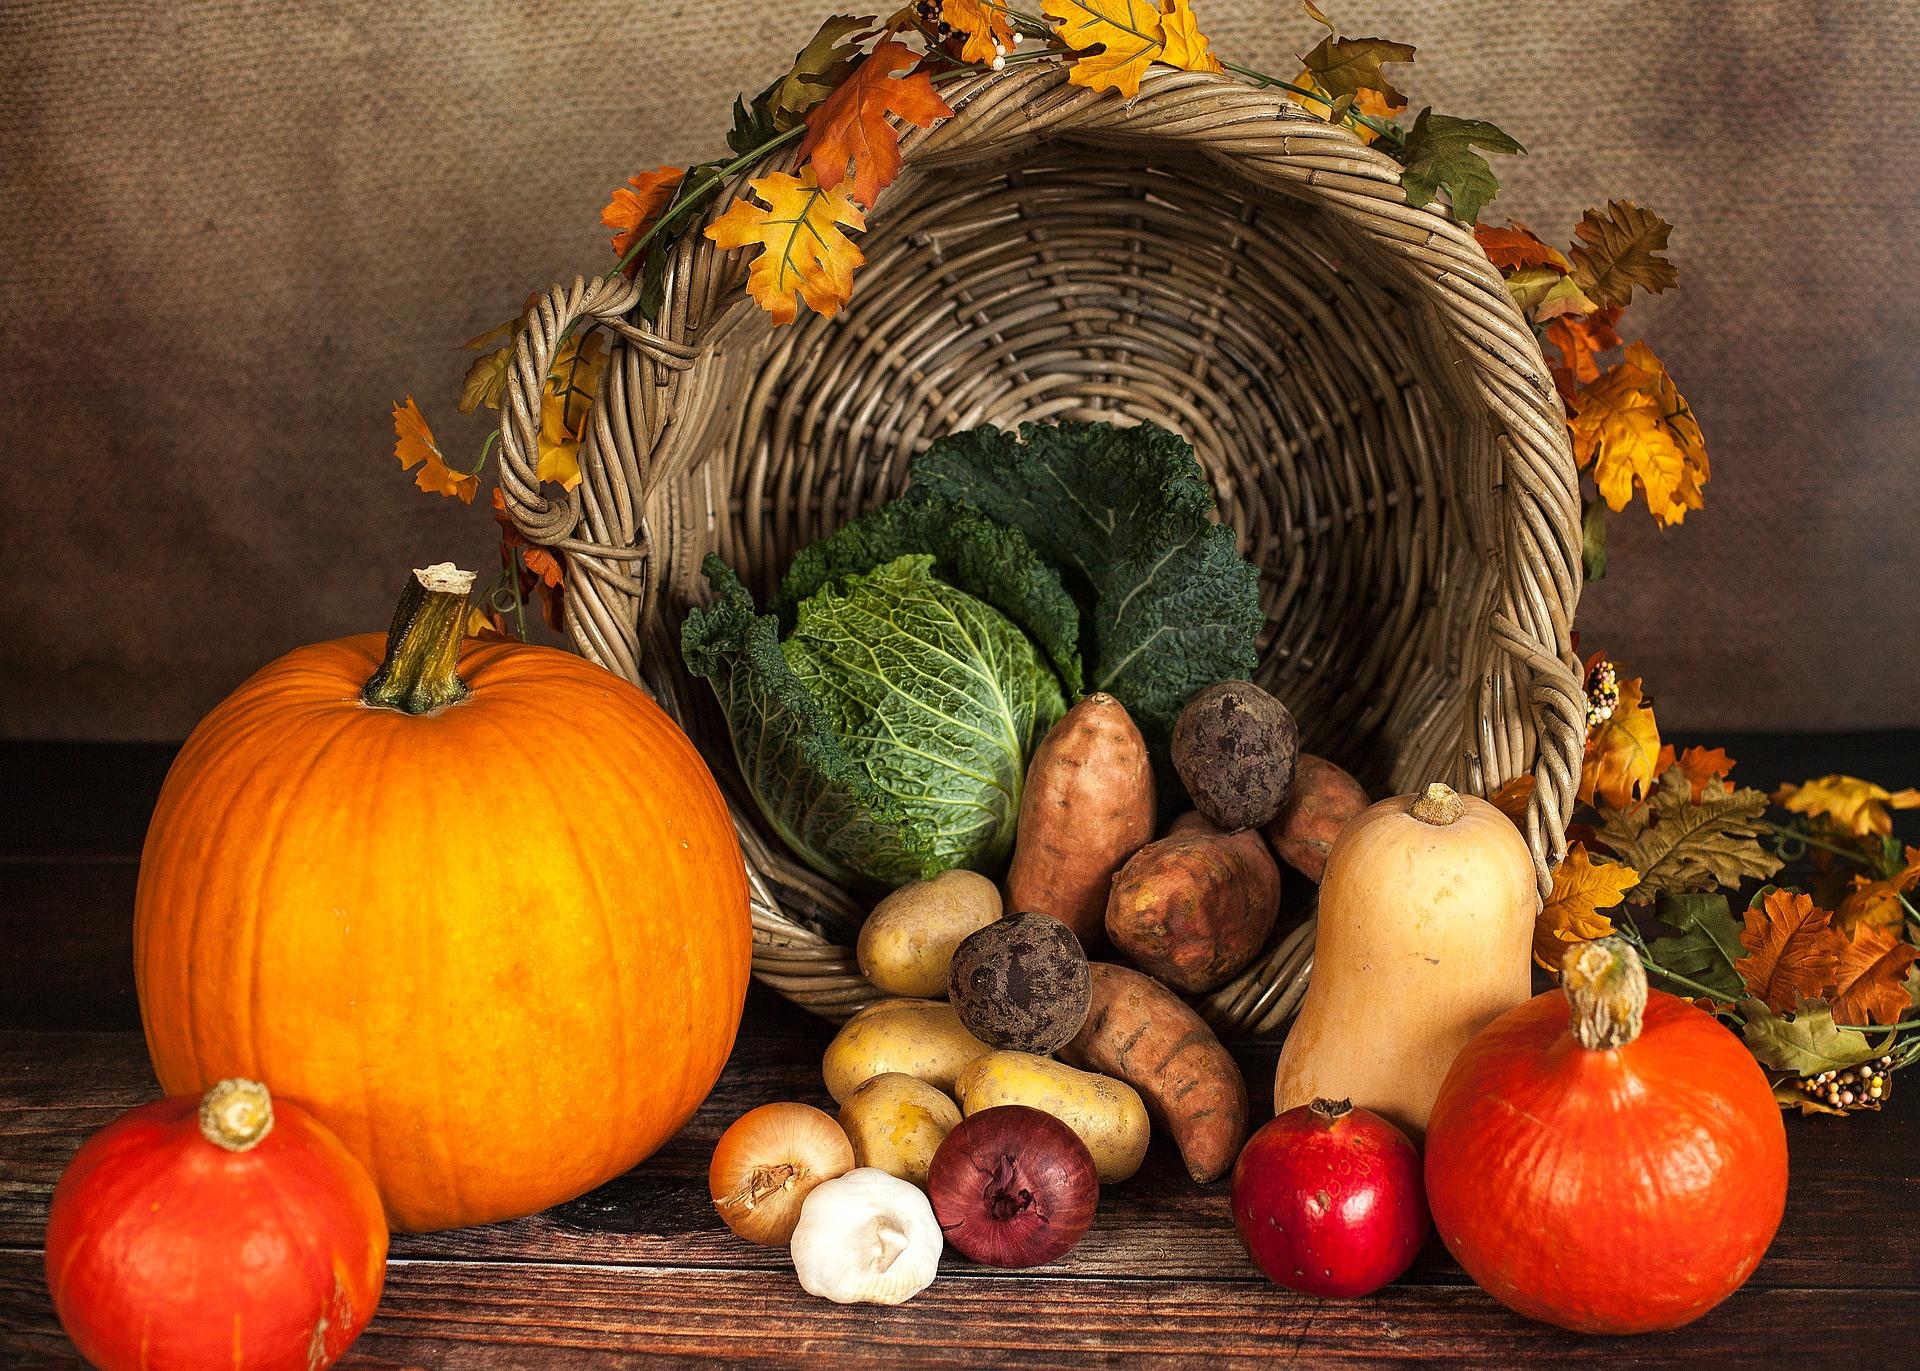 Les légumes à l'automne